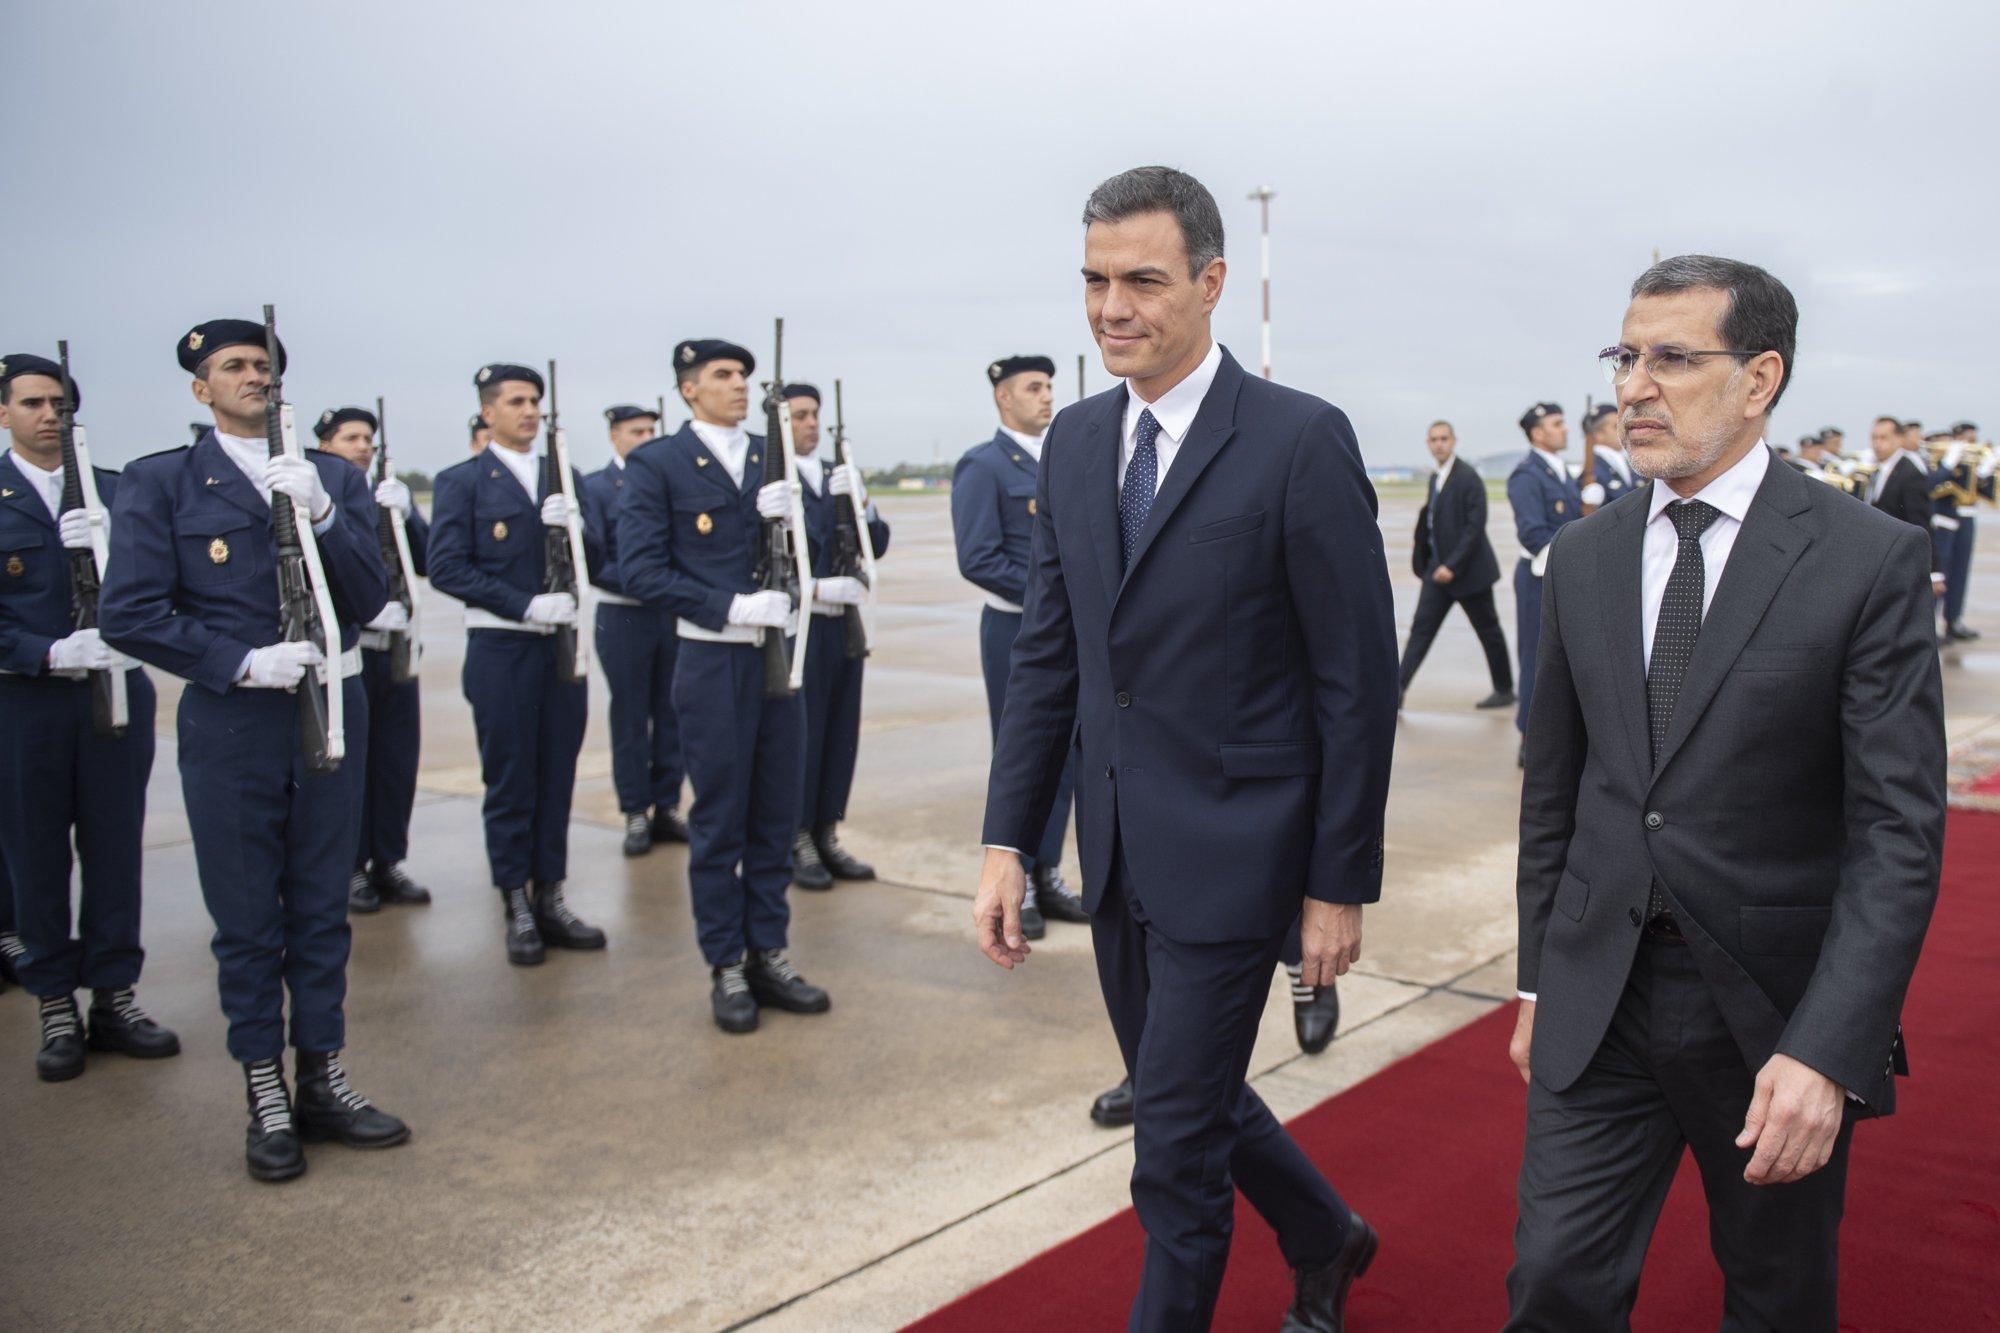 Pedro Sánchez visitó el mausoleo de un dictador en su visita a Marruecos